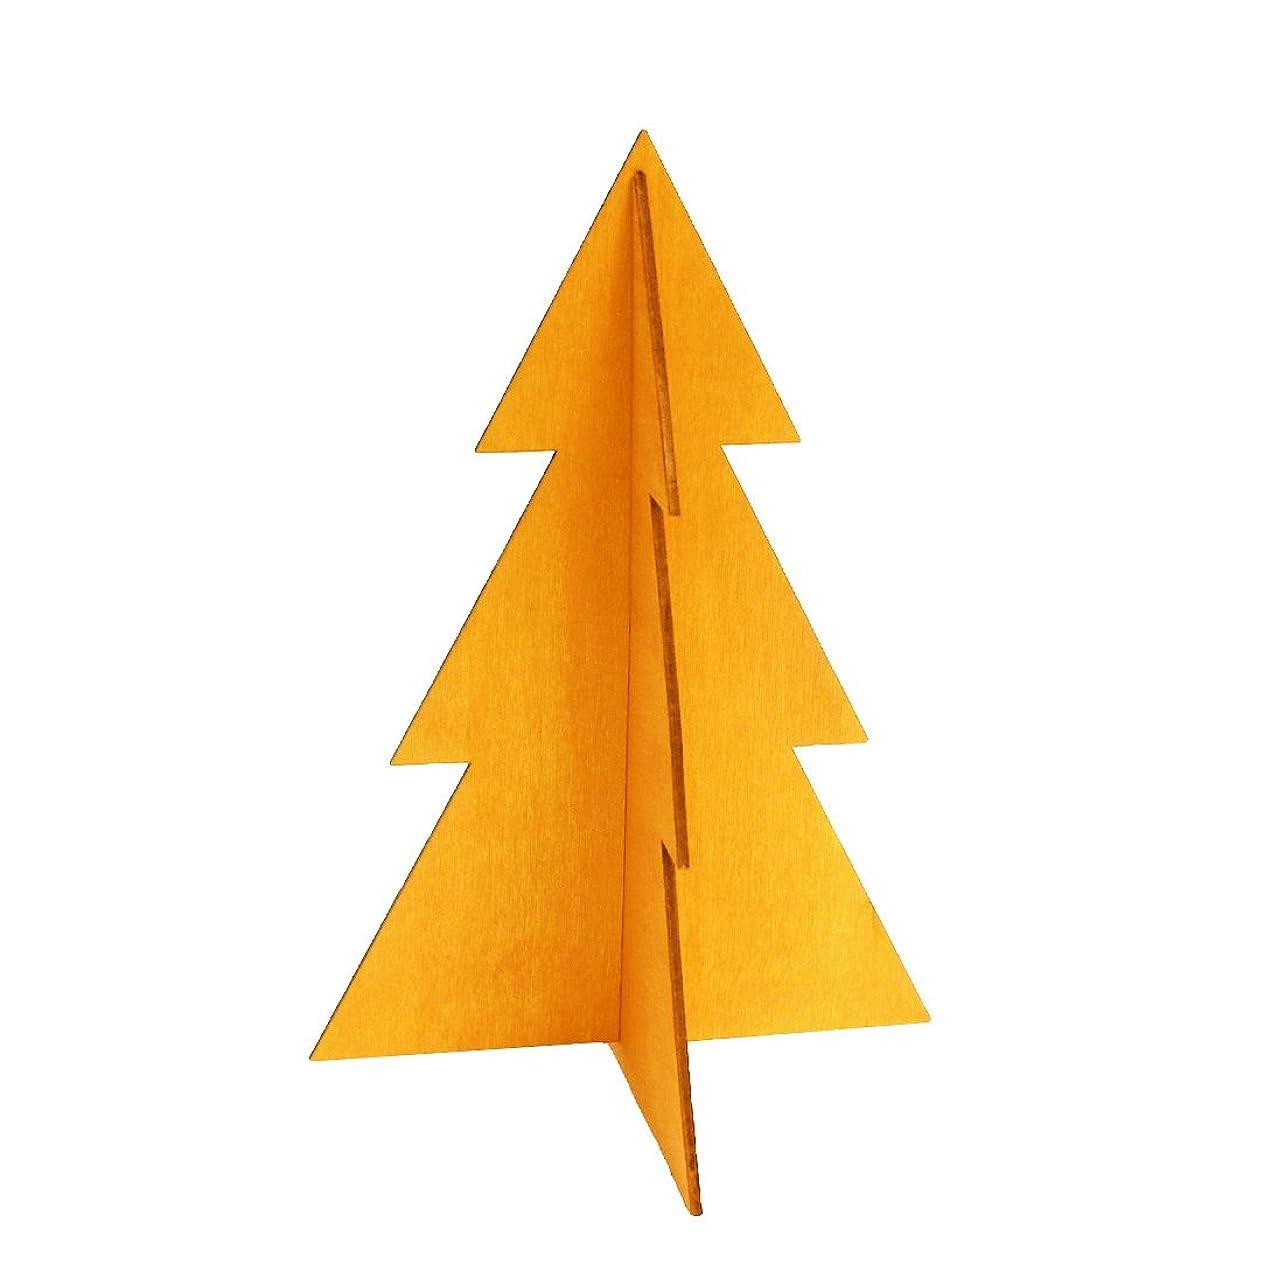 対象固めるに渡ってフェスティブツリーM 「 オレンジ 」